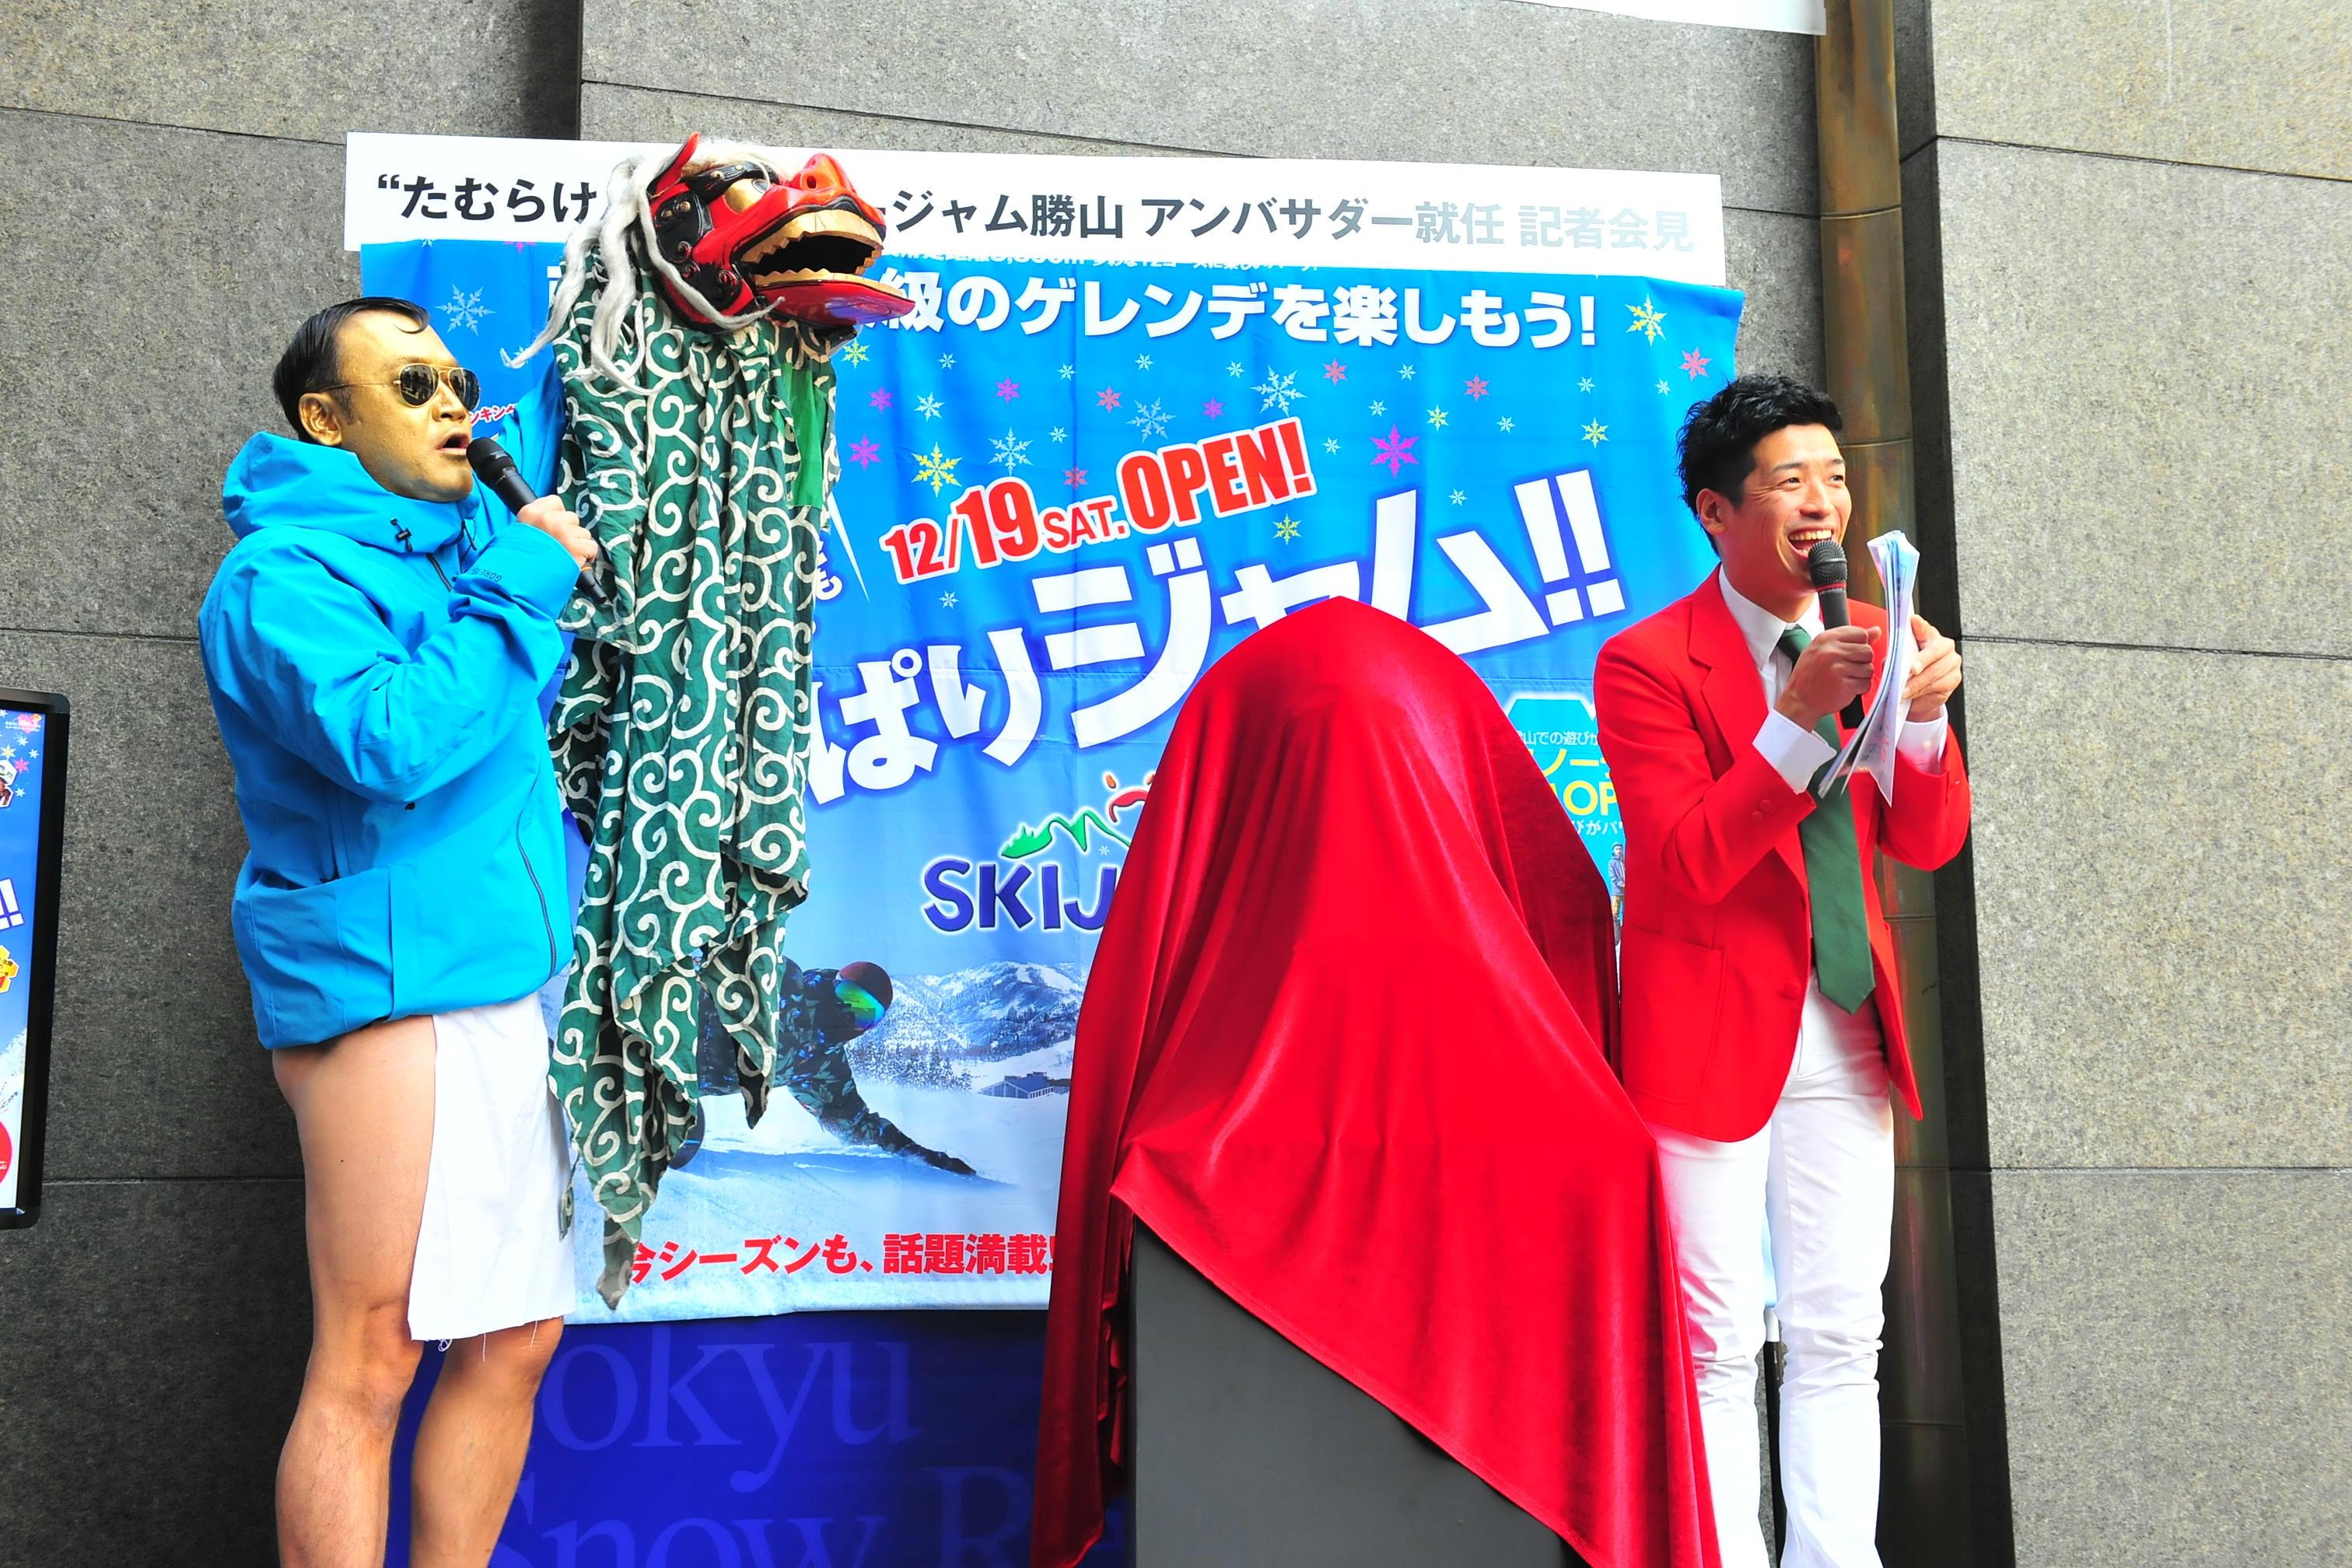 http://news.yoshimoto.co.jp/20151130193329-96eb80c2f5c1eadb3eafab188f41b8419bf4c882.jpg